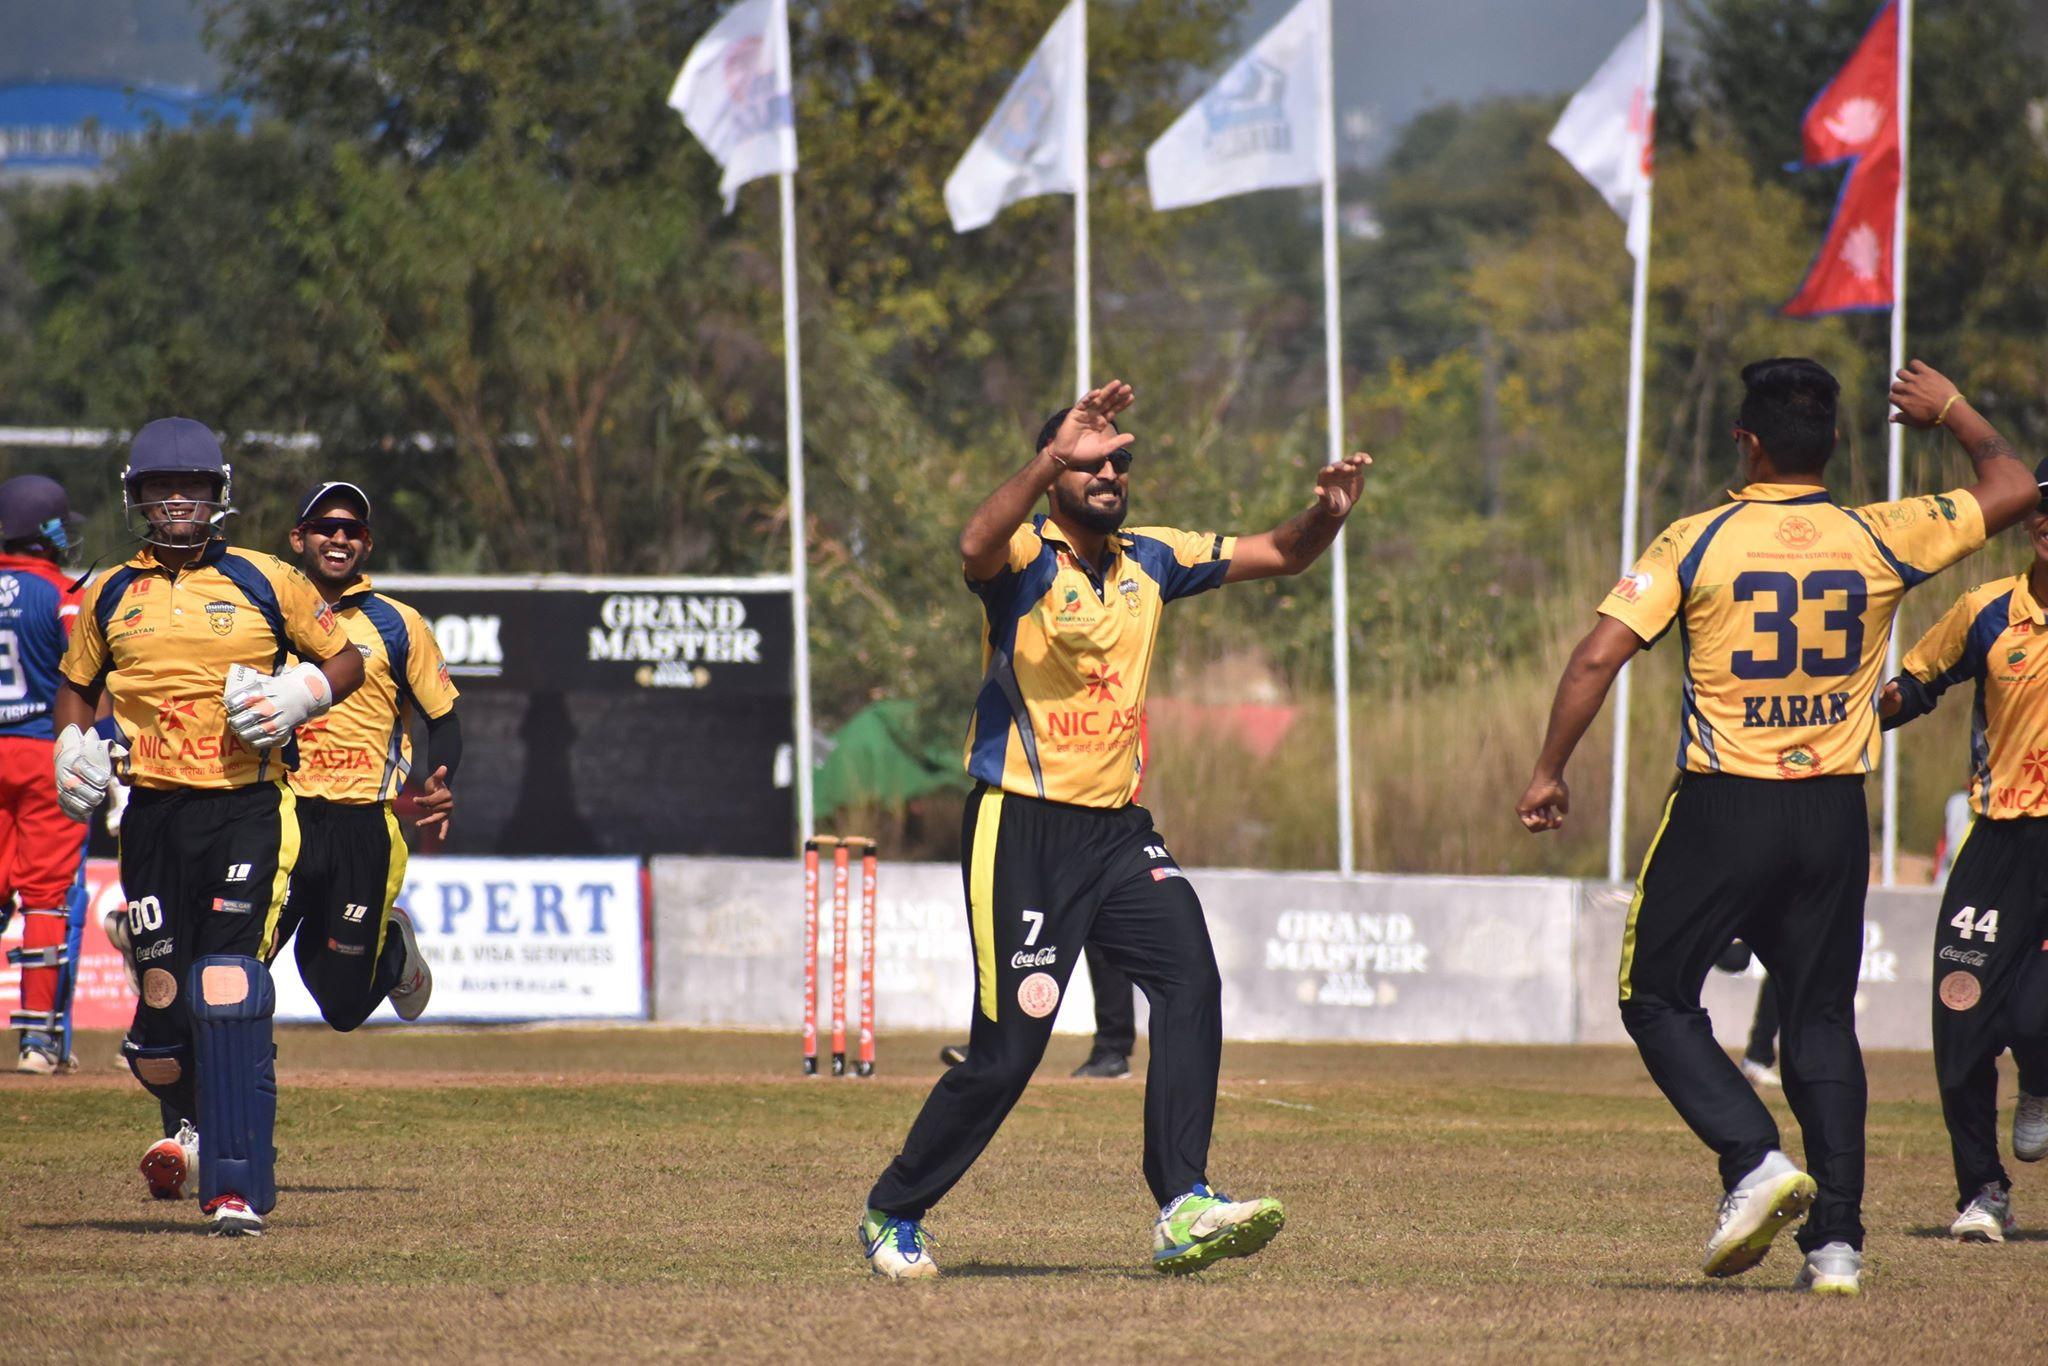 पीपीएल क्रिकेट: उपाधिका लागि पोखरा र चितवन राइनोज भिड्ने